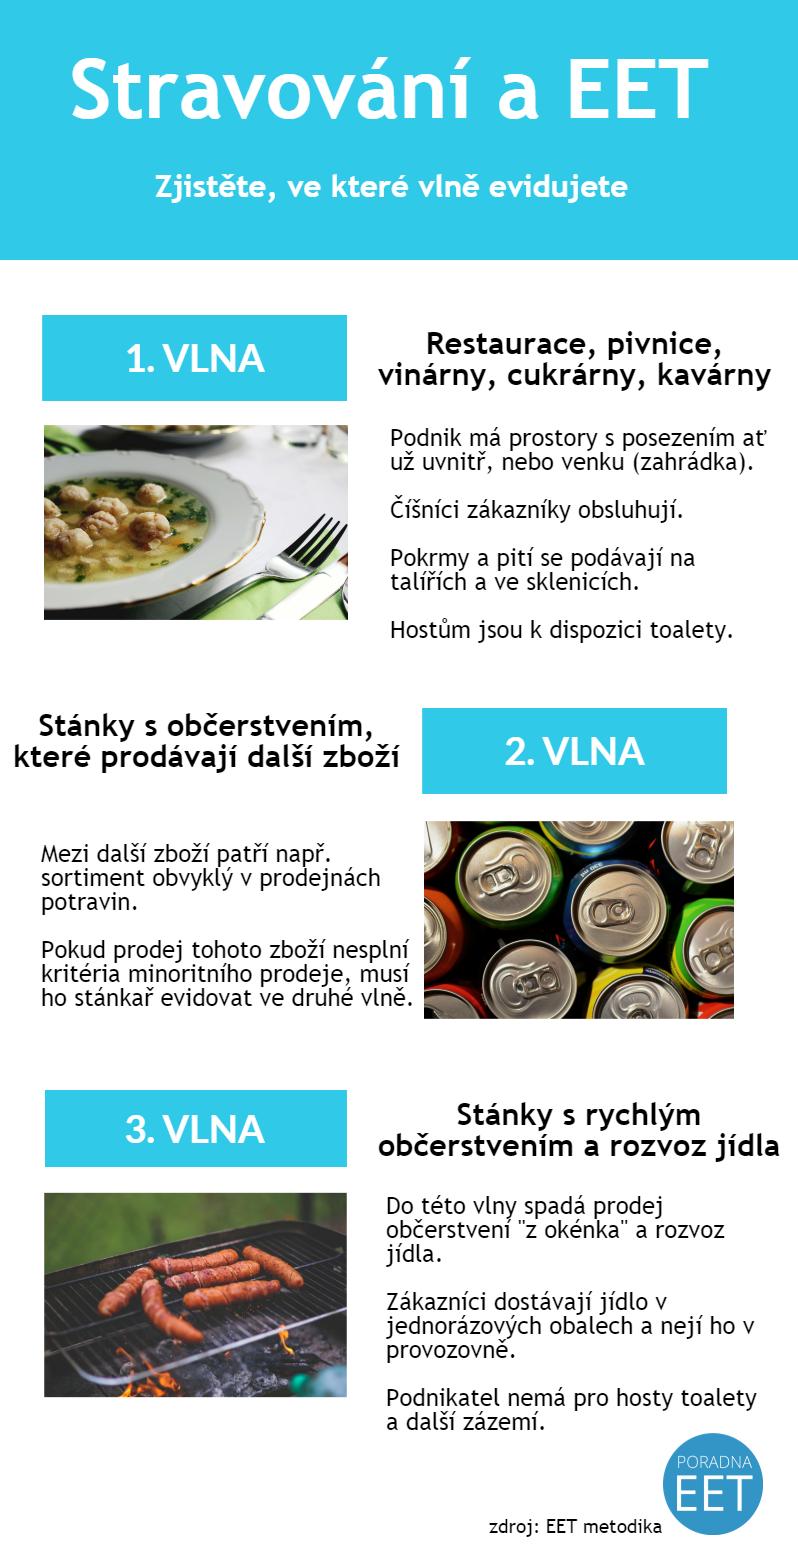 stravování a EET